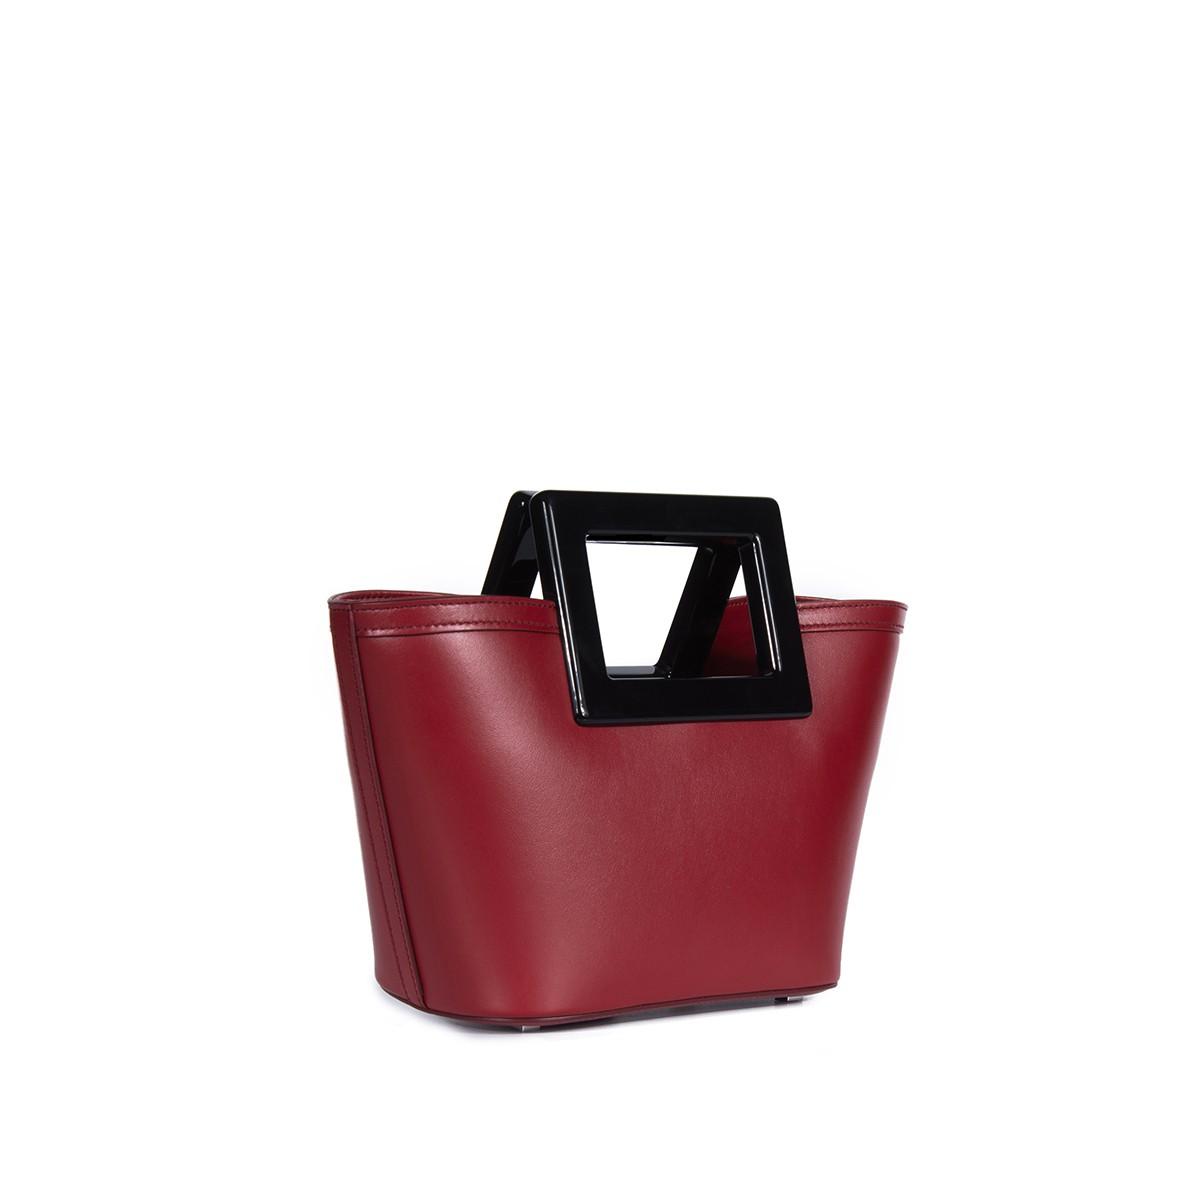 Micro Riviera in Crimson Napa2